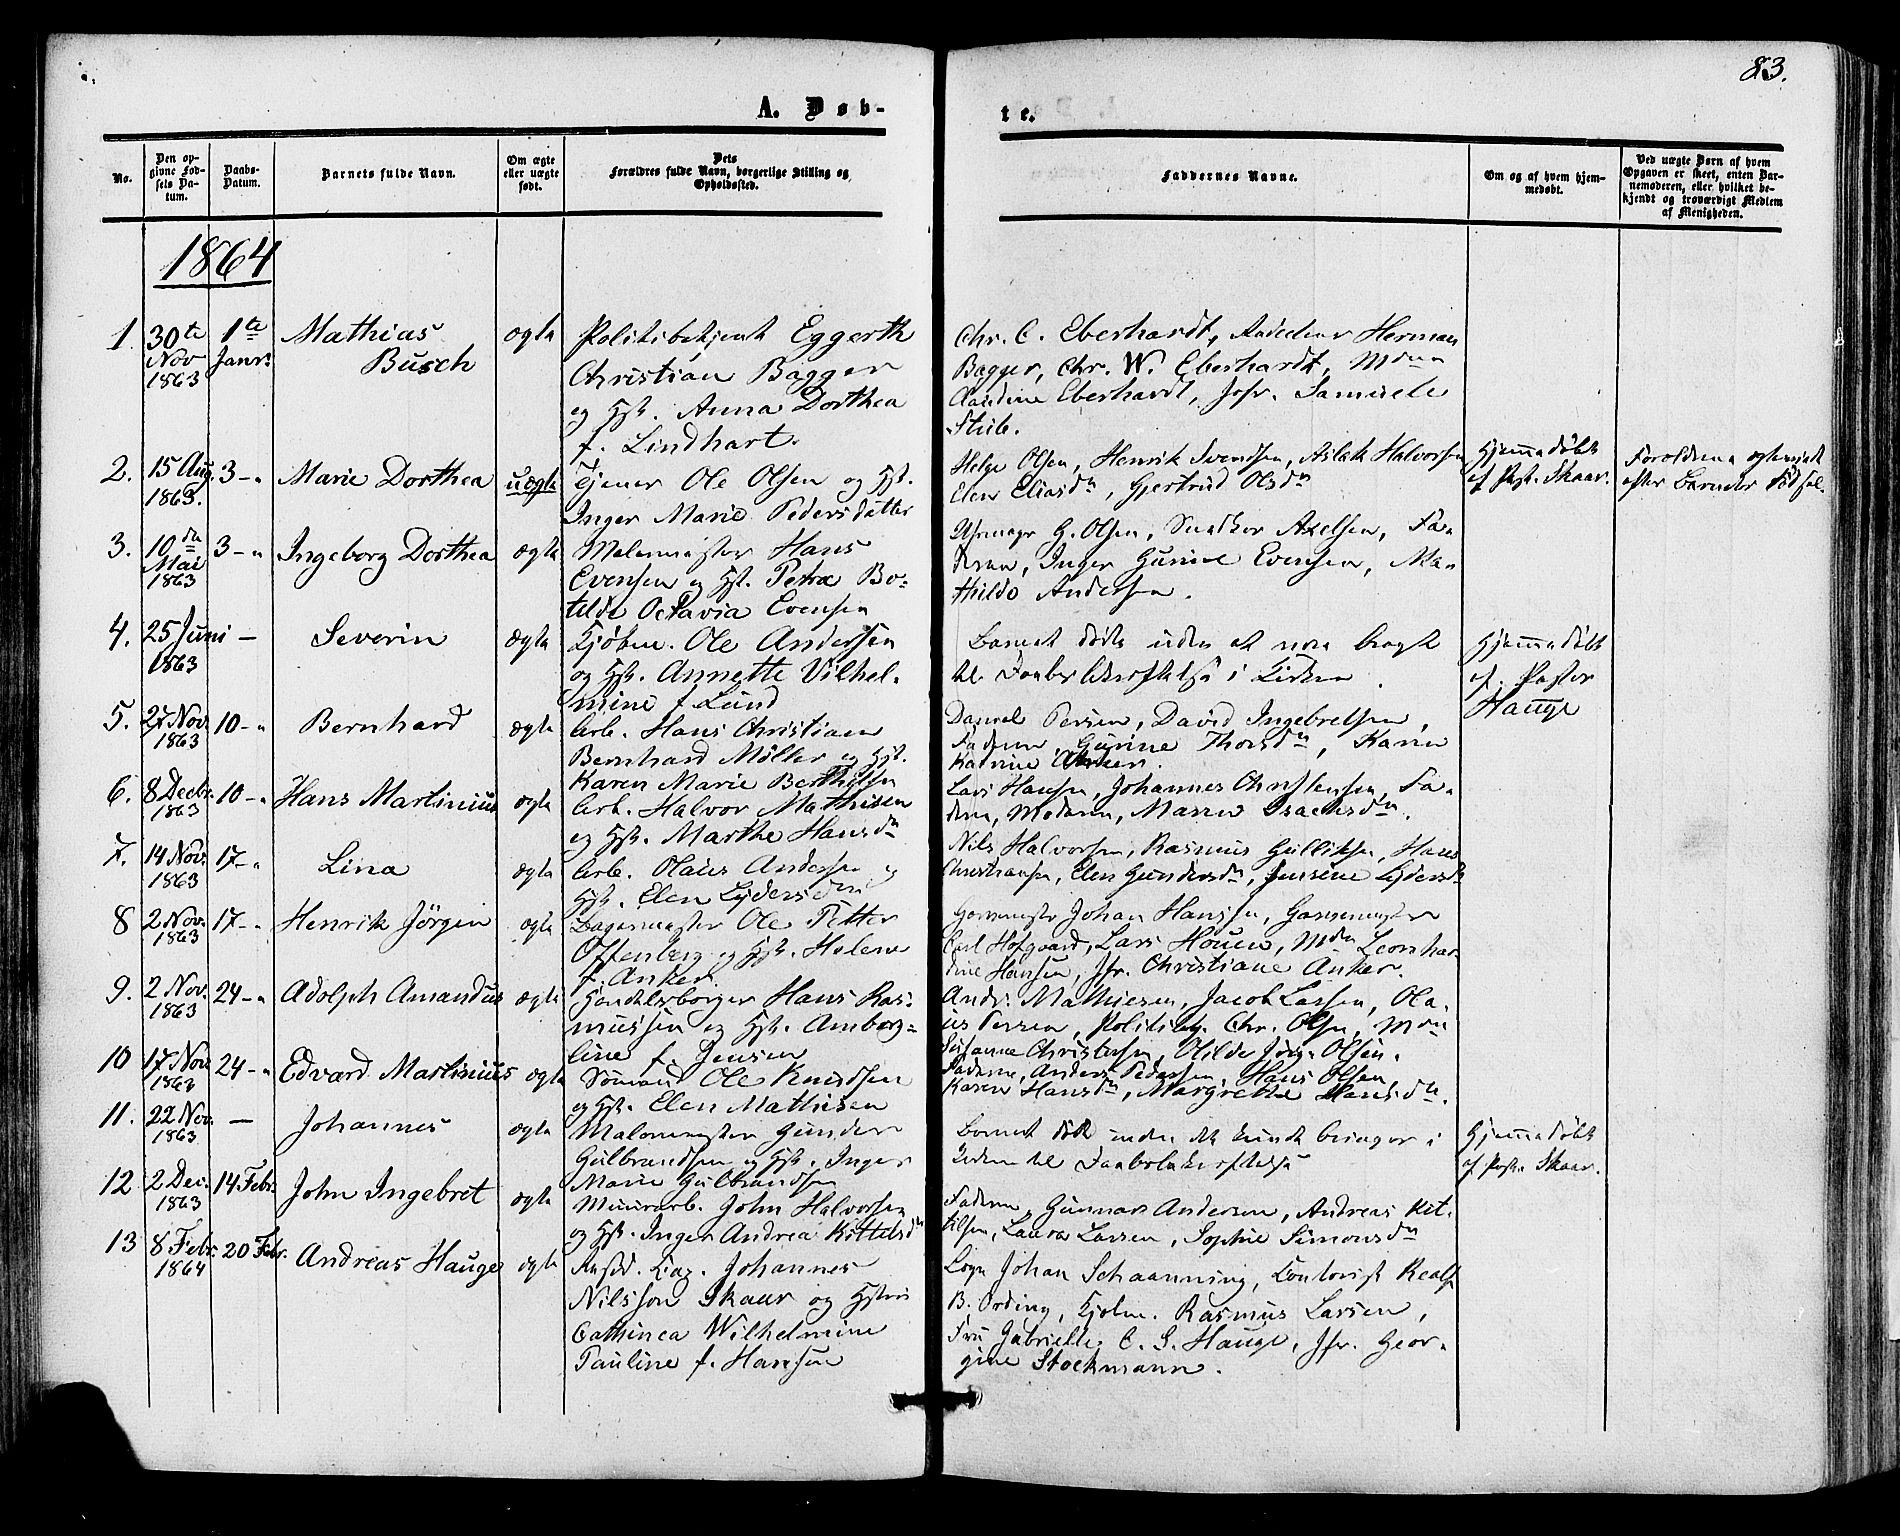 SAKO, Skien kirkebøker, F/Fa/L0007: Ministerialbok nr. 7, 1856-1865, s. 83